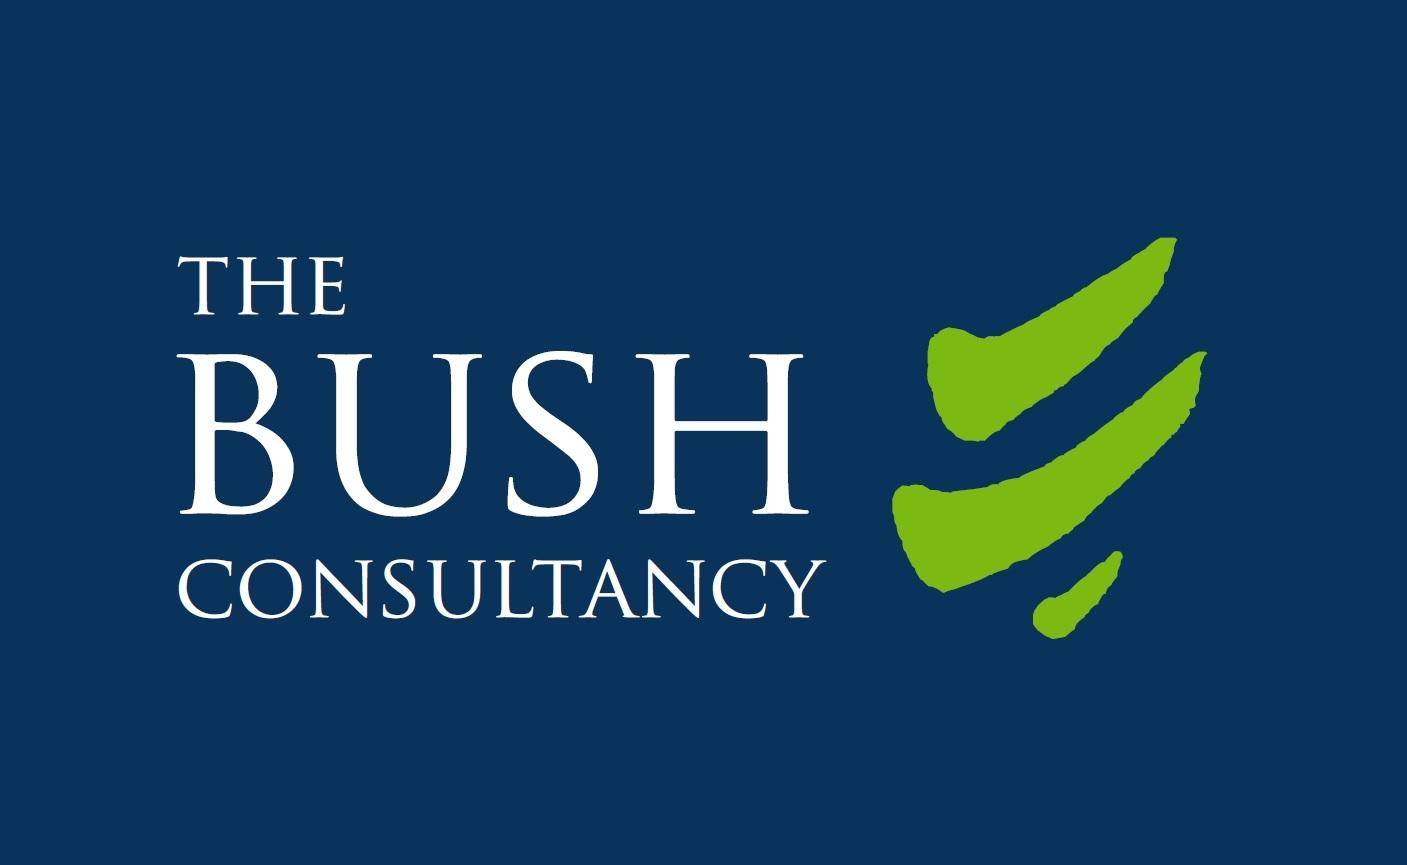 Bush consultancy